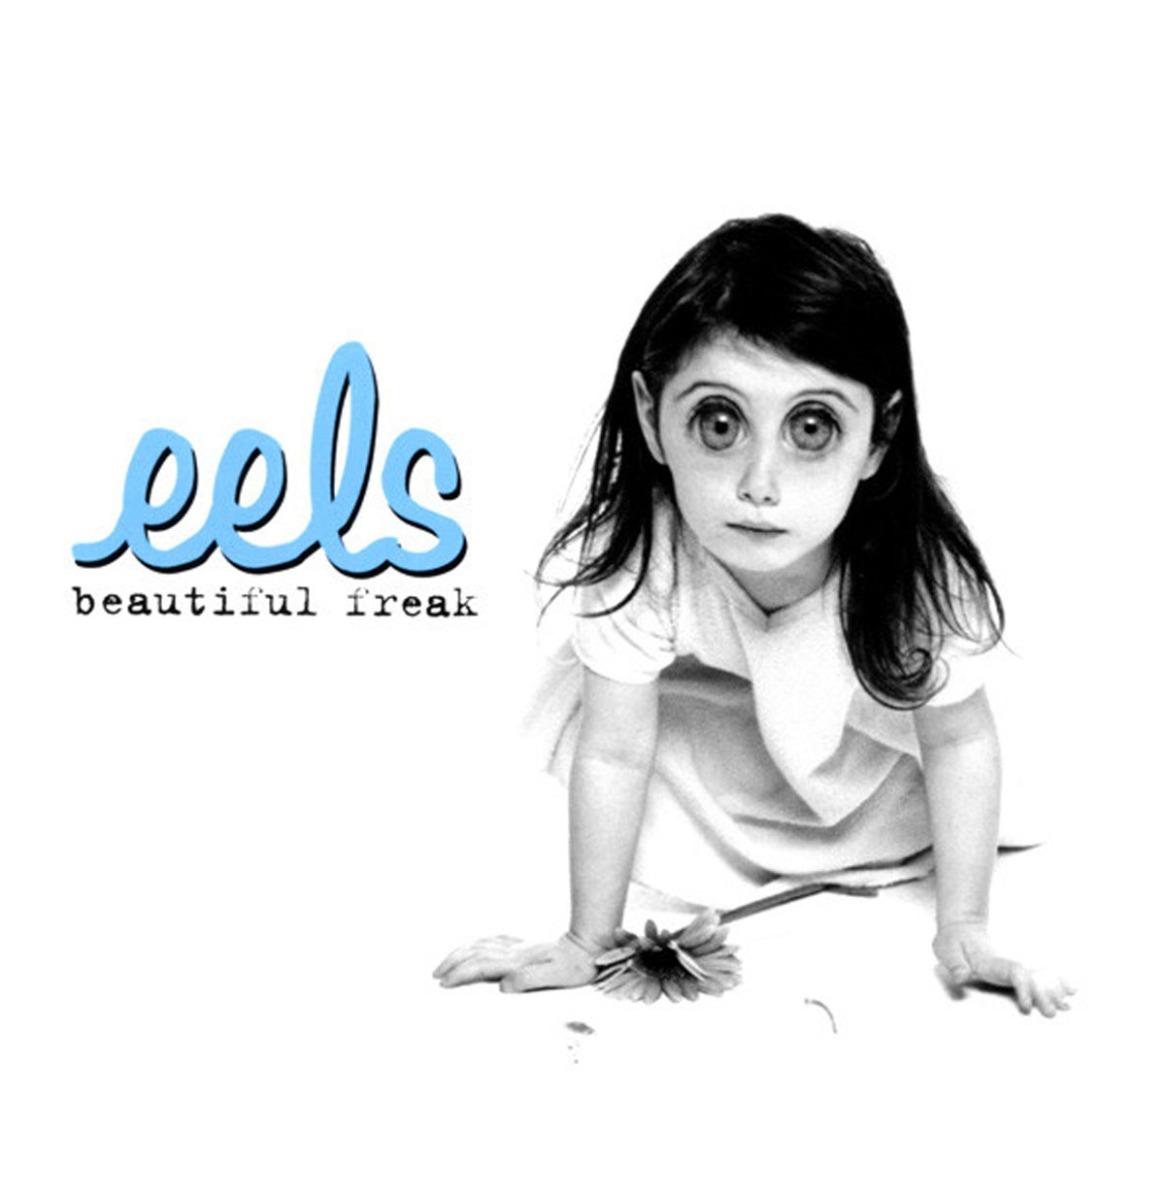 Eels: Beautiful Freak LP - Beperkte Oplage